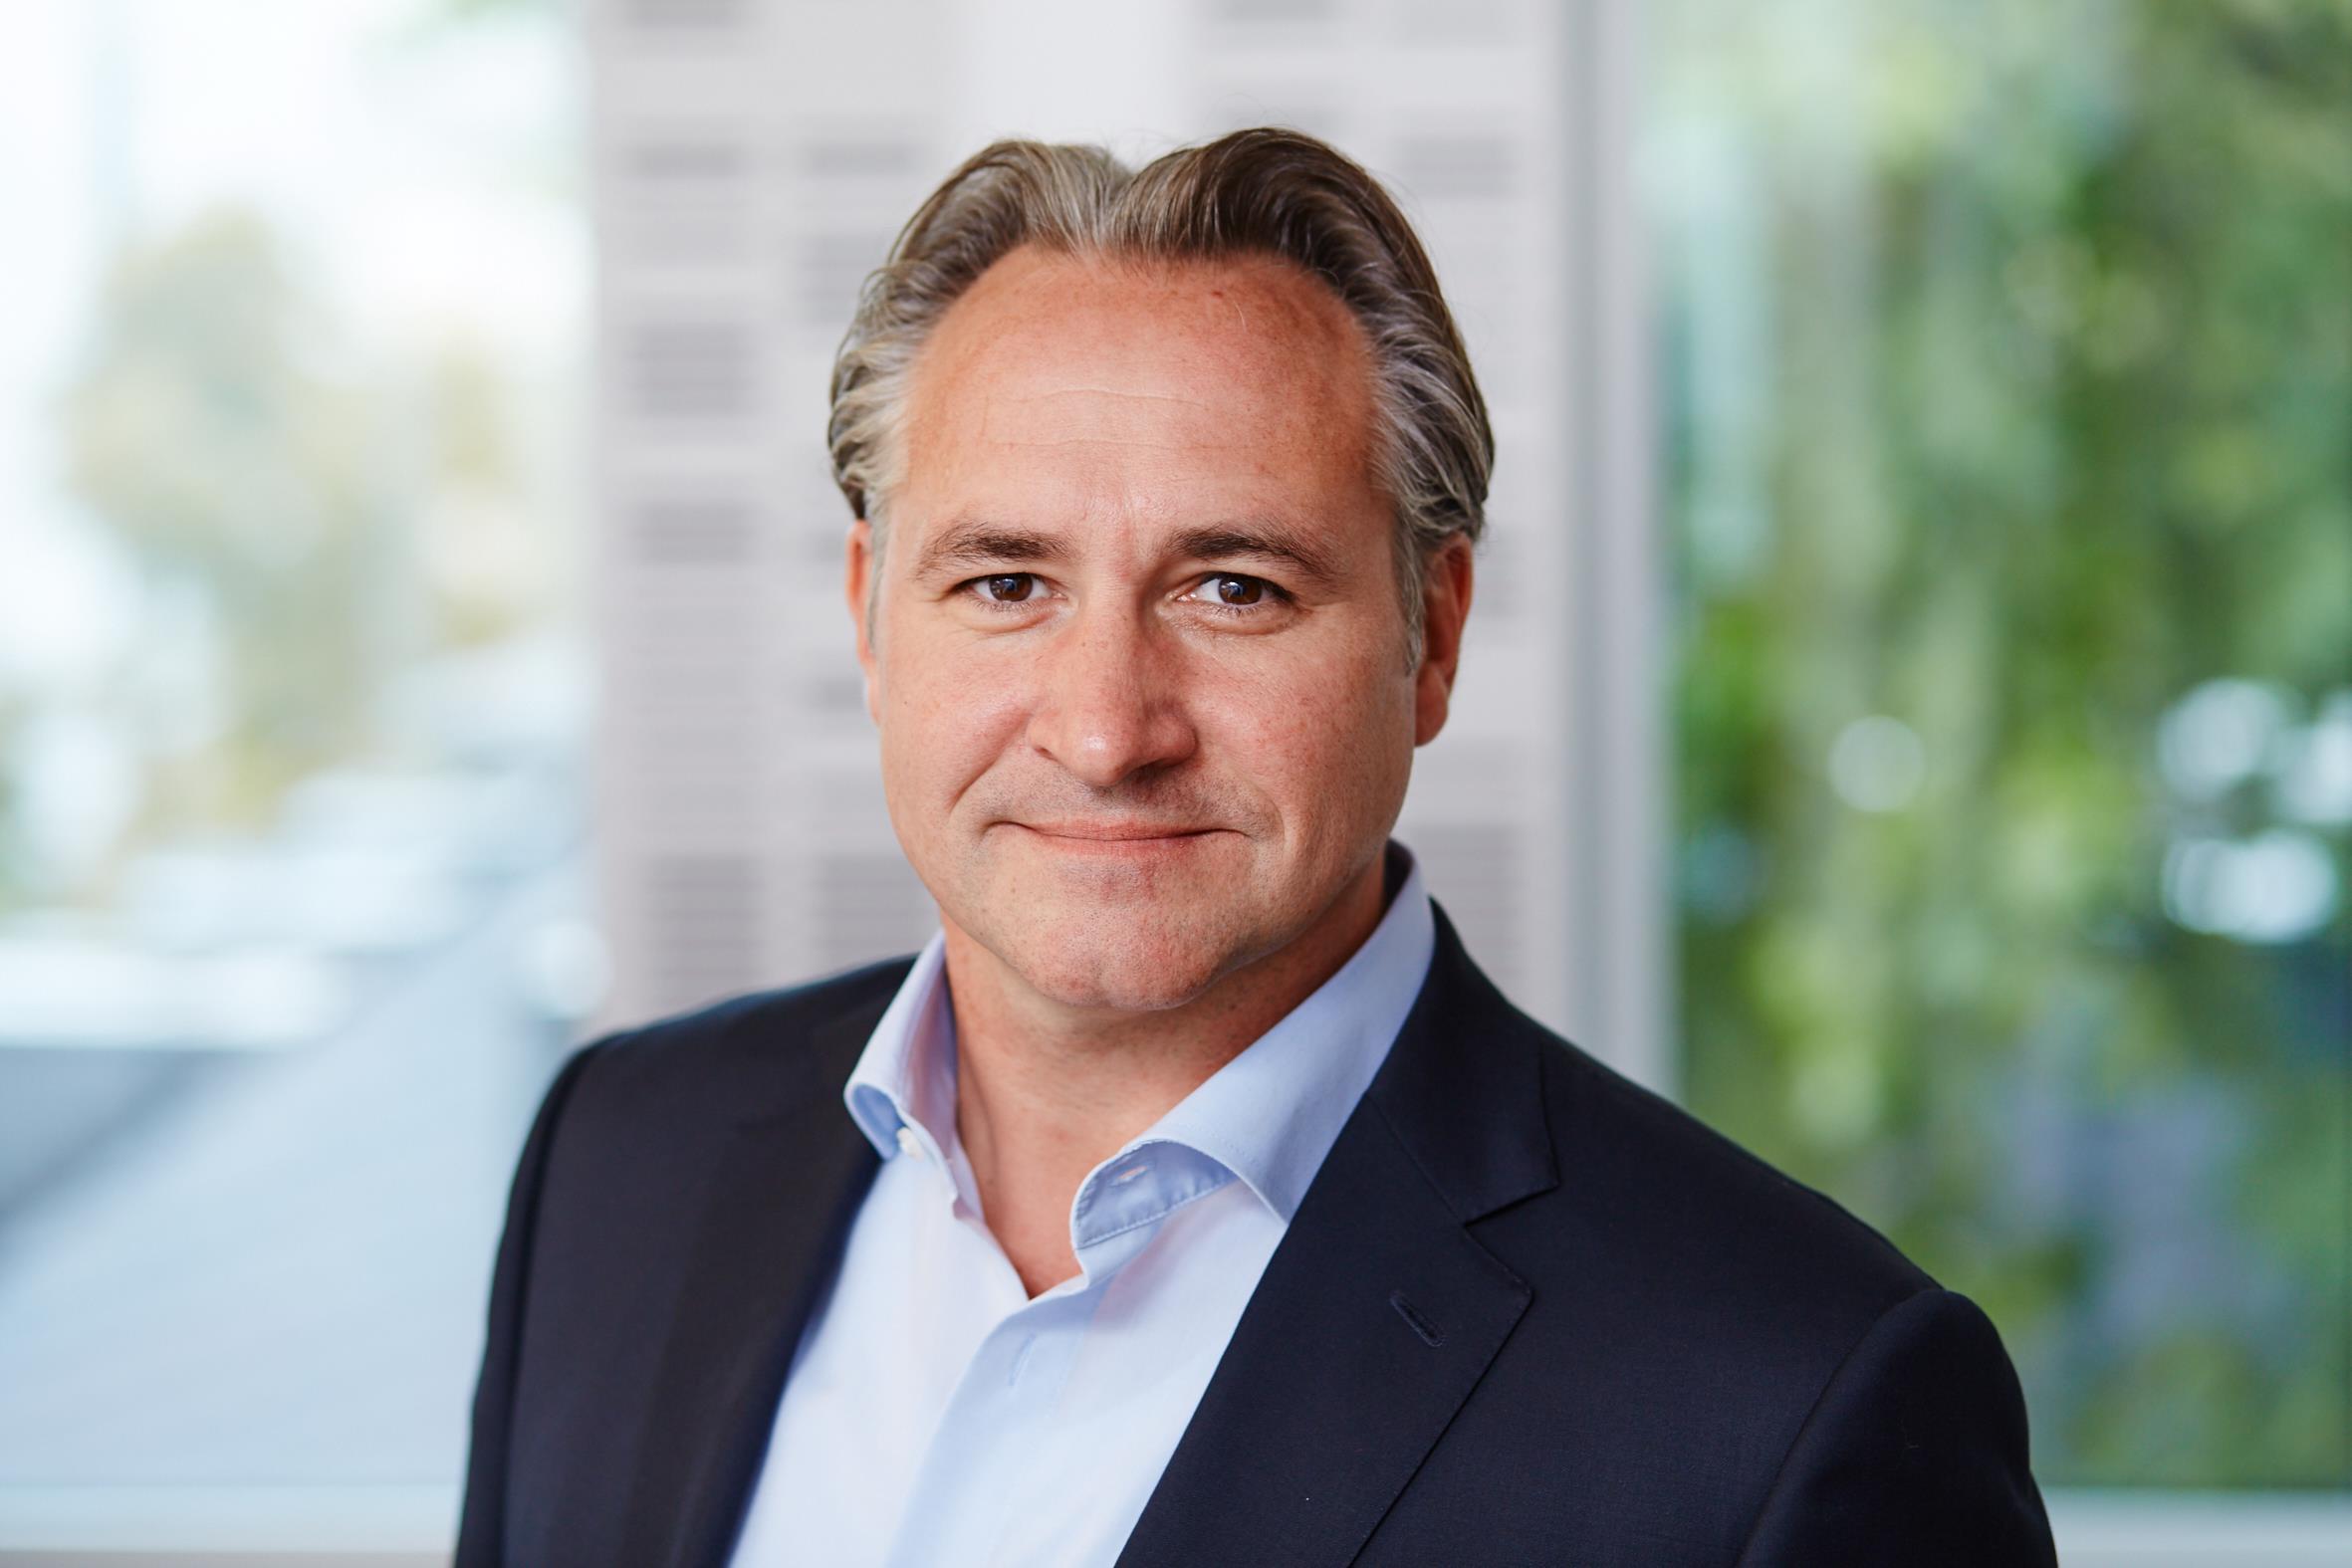 Christian Vogt, Autor des Artikels, wie sich Datenschutzverletzungen durch ein richtig konfiguriertes Netzwerk vermeiden lassen.